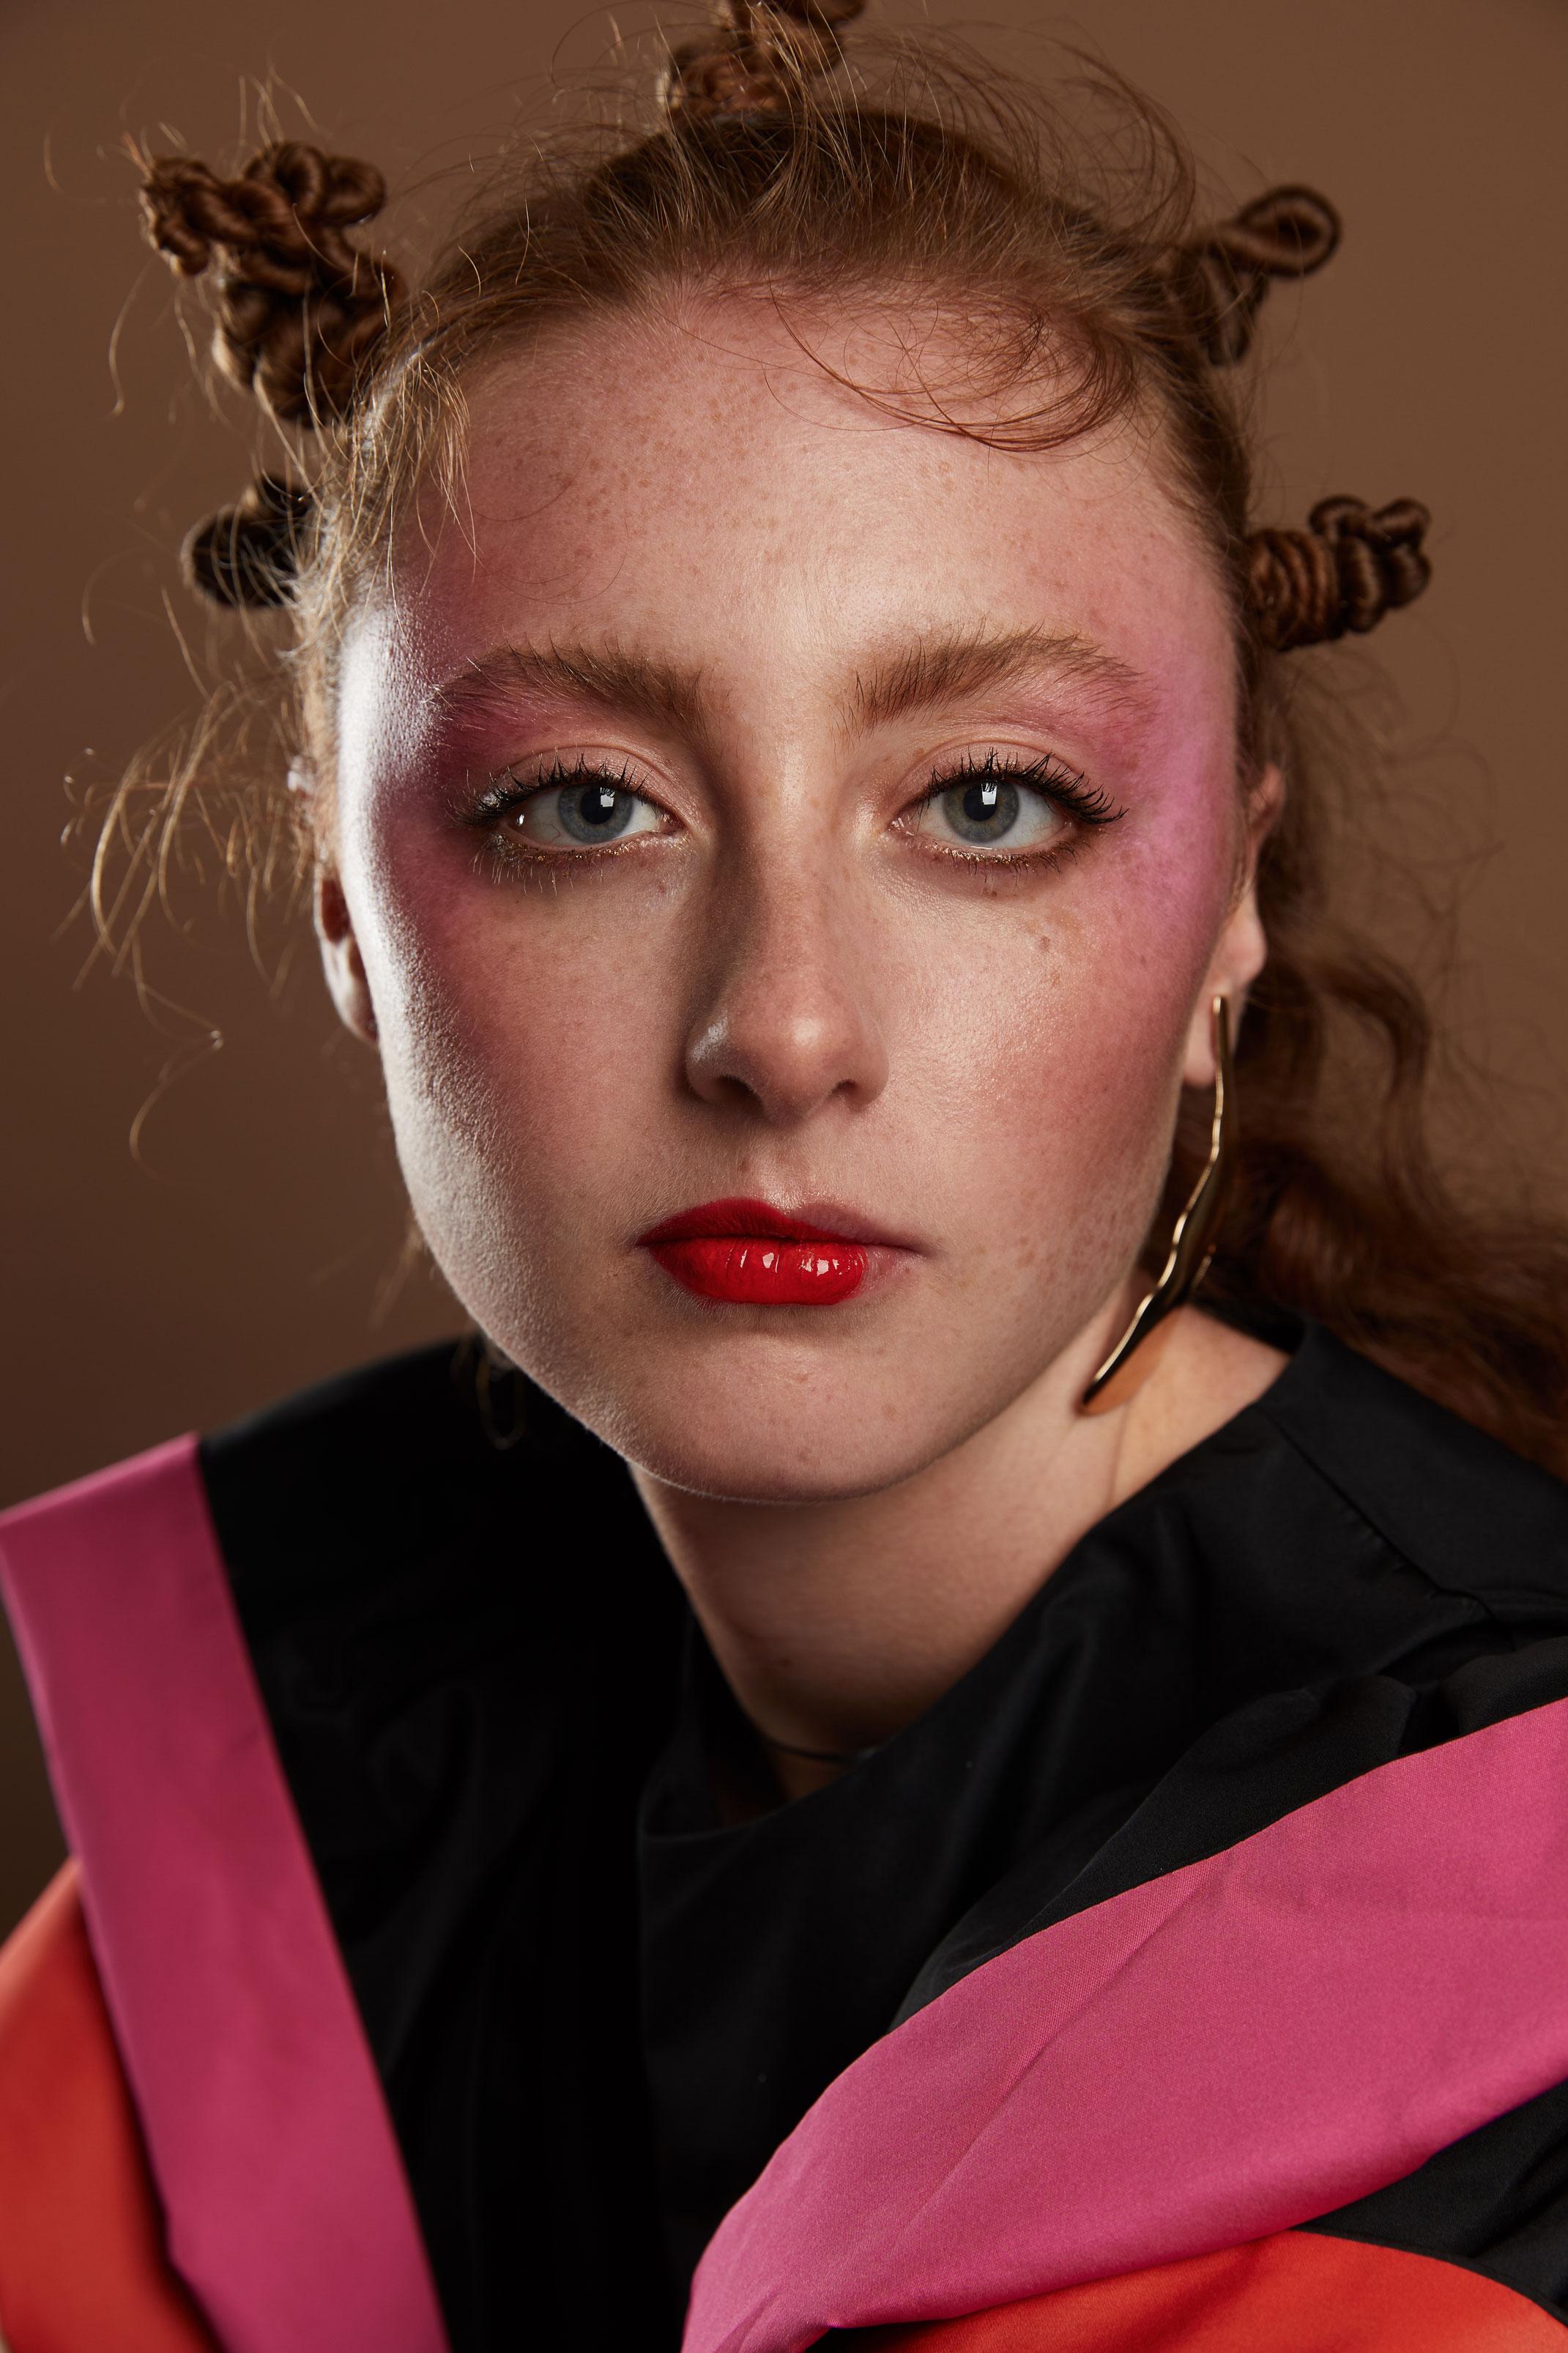 photographe mode portrait mannequin